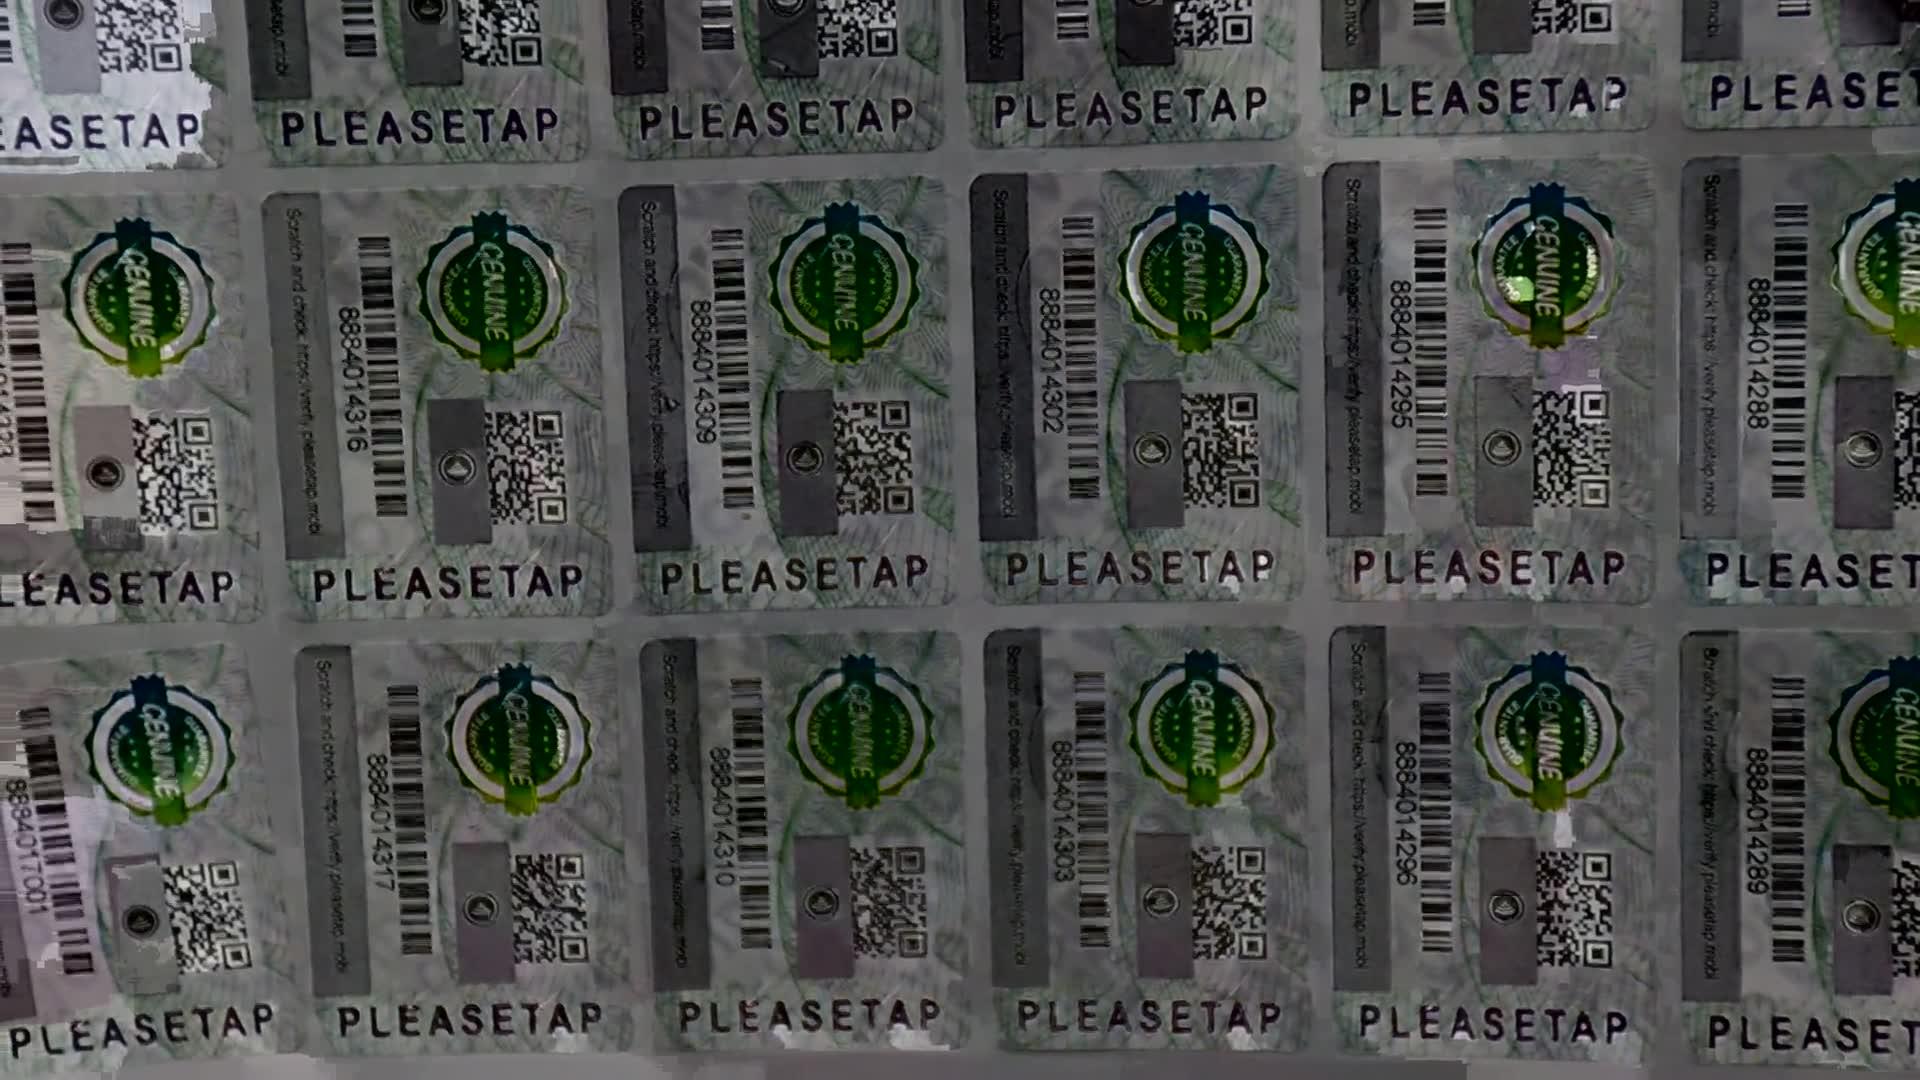 कस्टम स्वयं चिपकने वाला सुरक्षा स्टीकर लेबल मुद्रण रंग बदलने के साथ विरोधी जालसाजी प्रौद्योगिकी